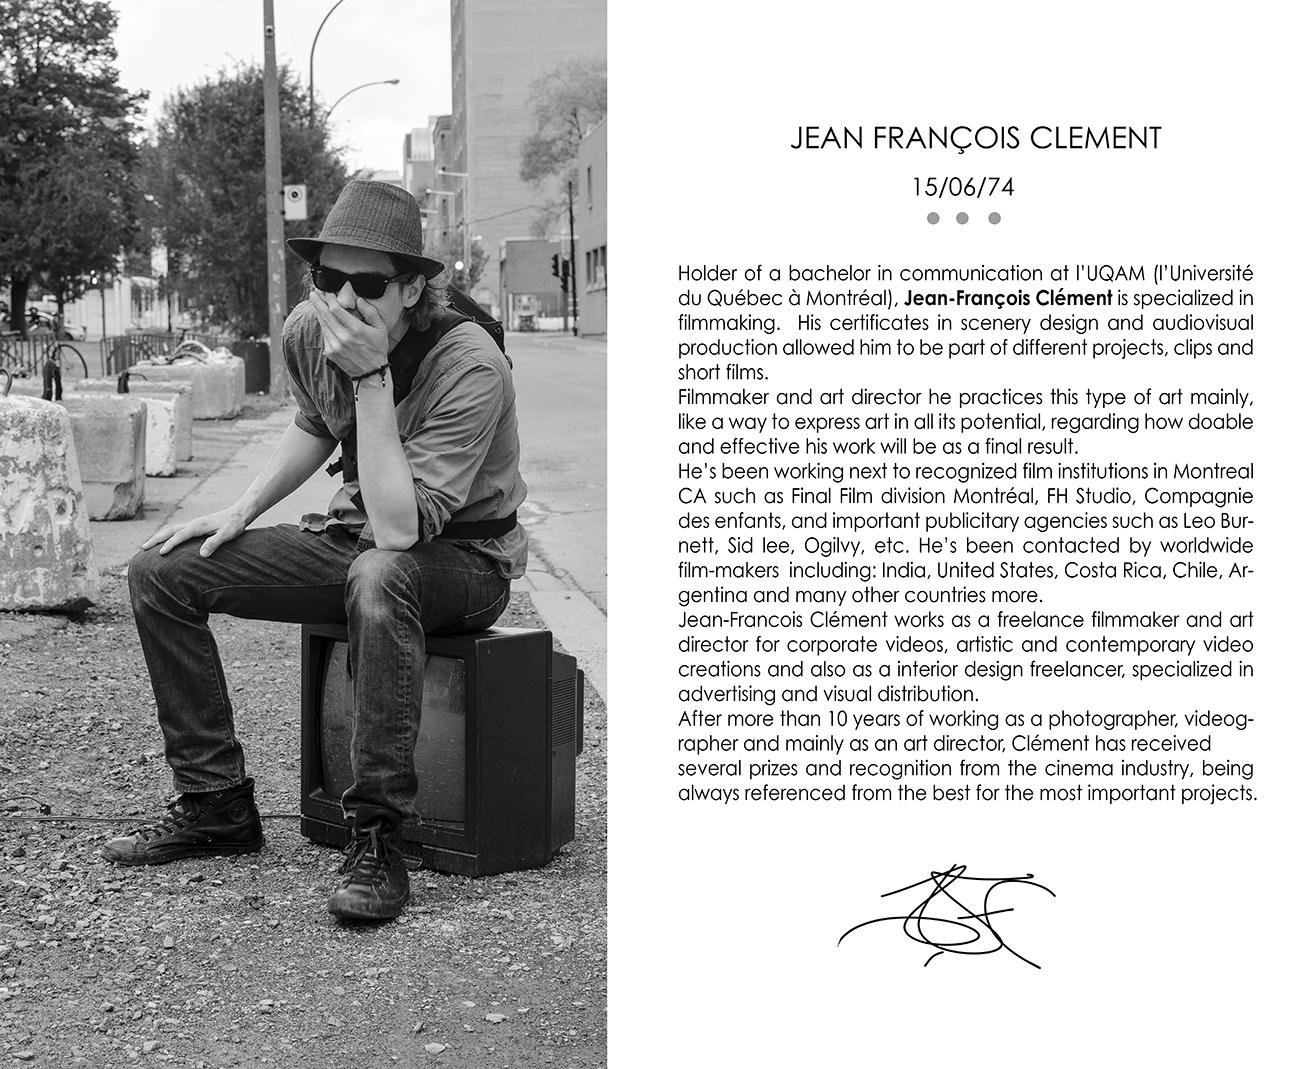 jf-clement-art-director-biography.jpg